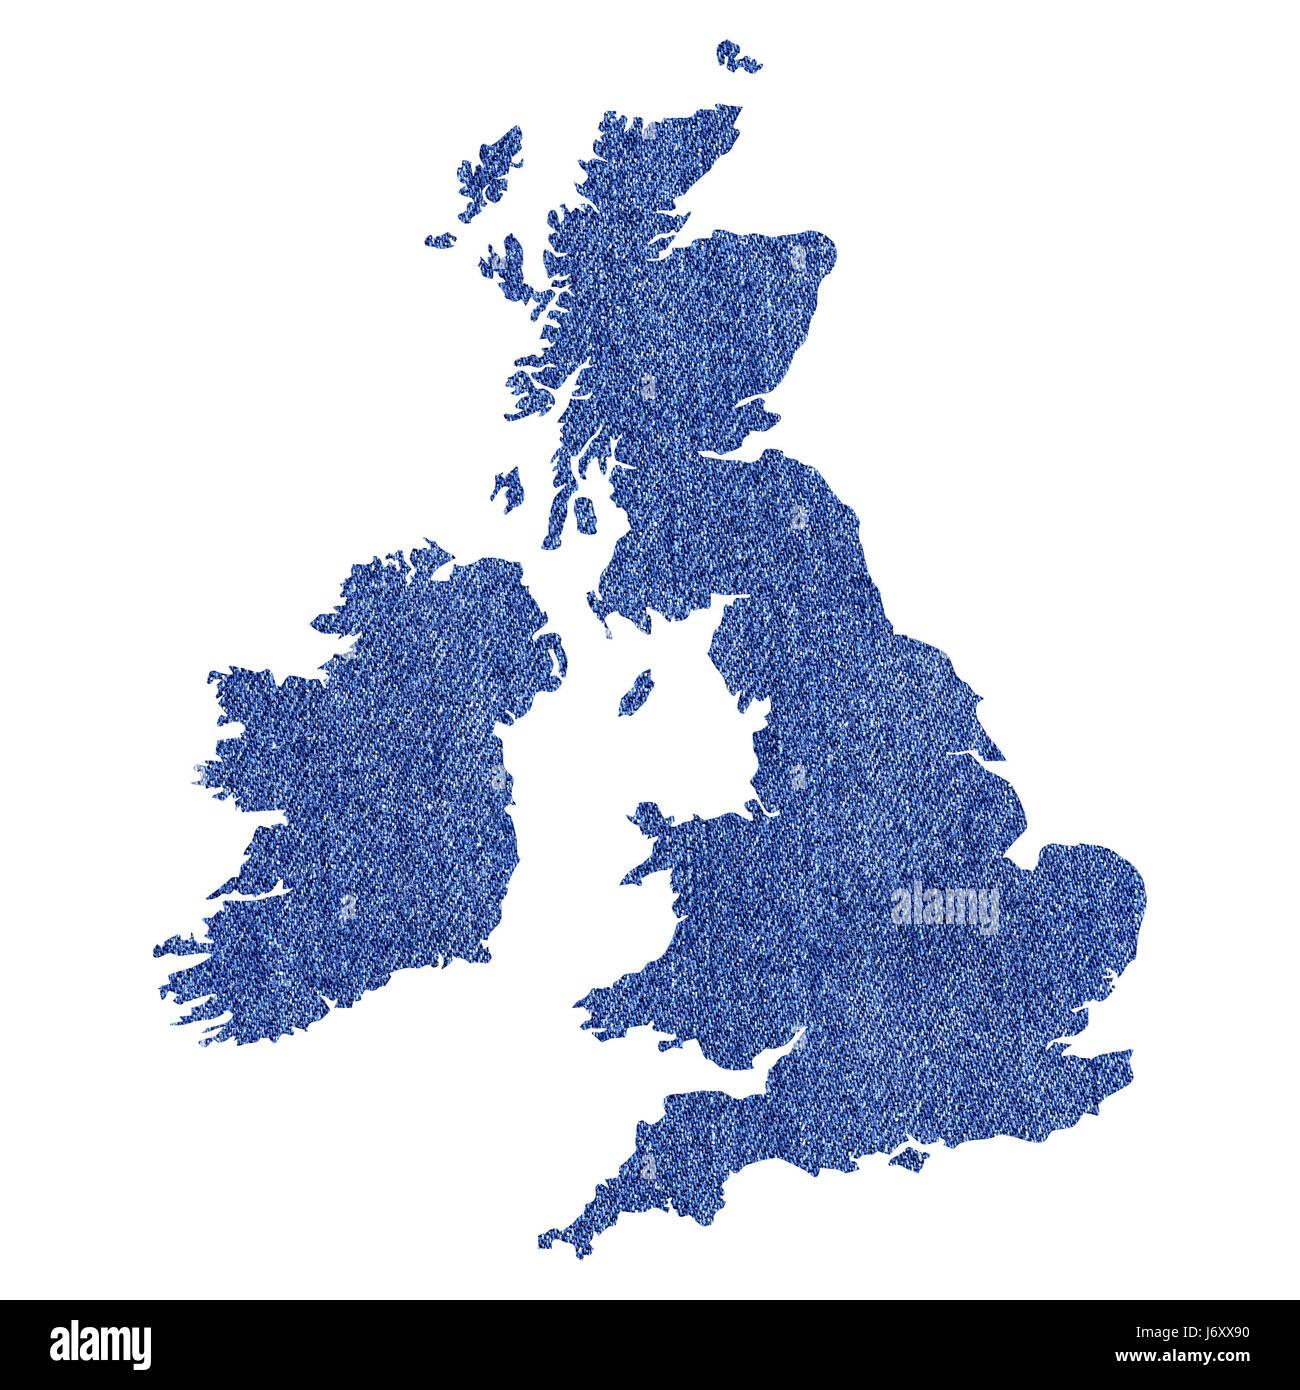 Cartina Inghilterra E Scozia.Inghilterra Scozia Irlanda British Gran Bretagna Galles Mappa Atlas Mappa Del Mondo Blu Foto Stock Alamy